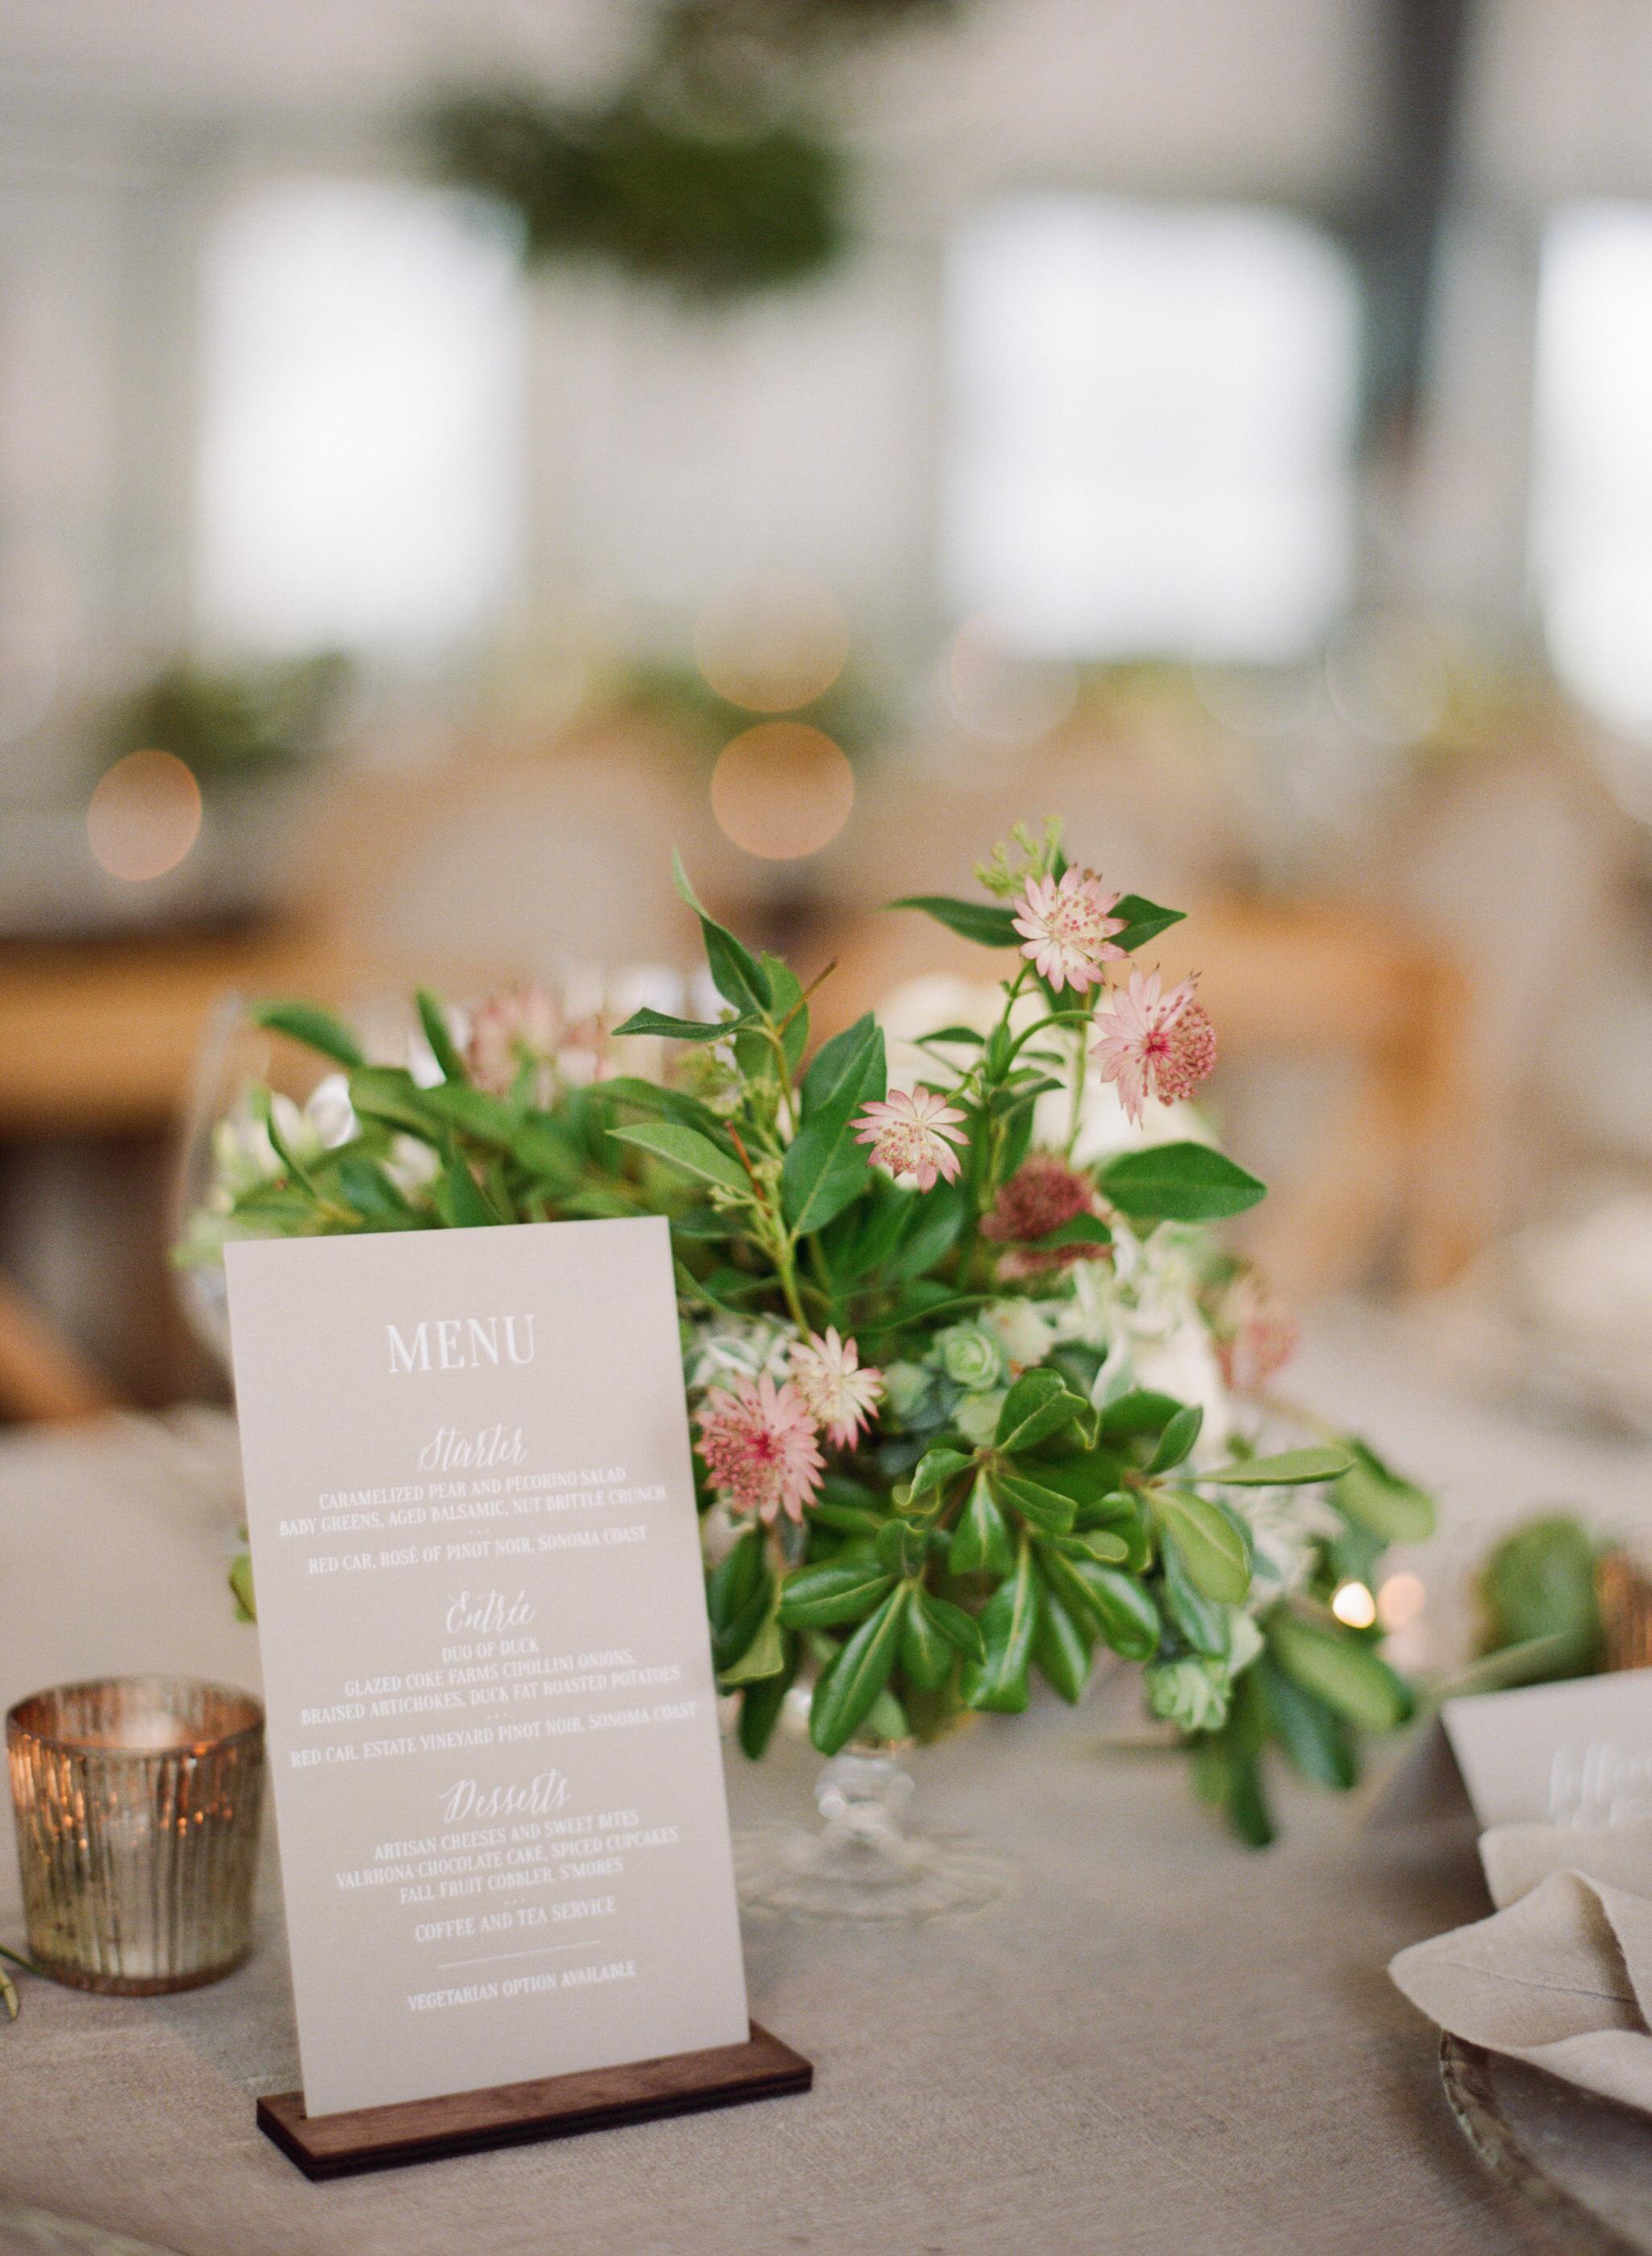 SylvieGil-Durham-Ranch-Organic-Ethereal-Rustic-Menu-Reception-Wedding